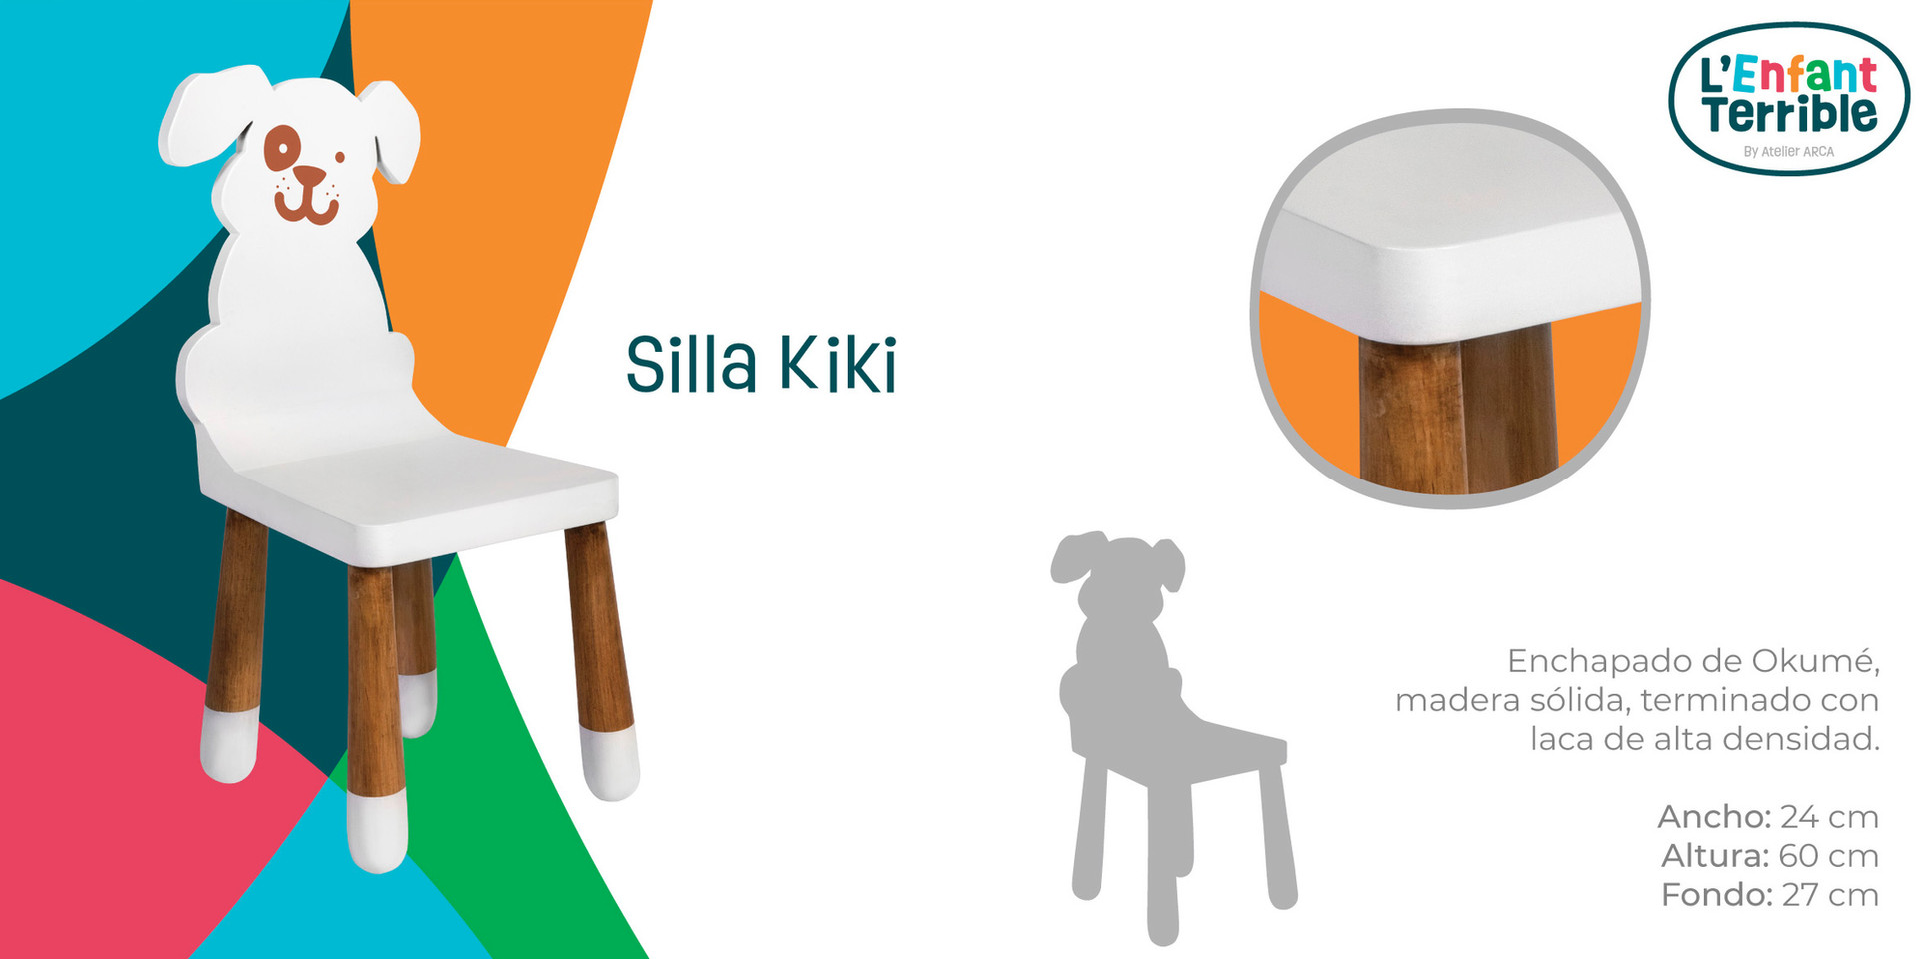 Silla Kikí